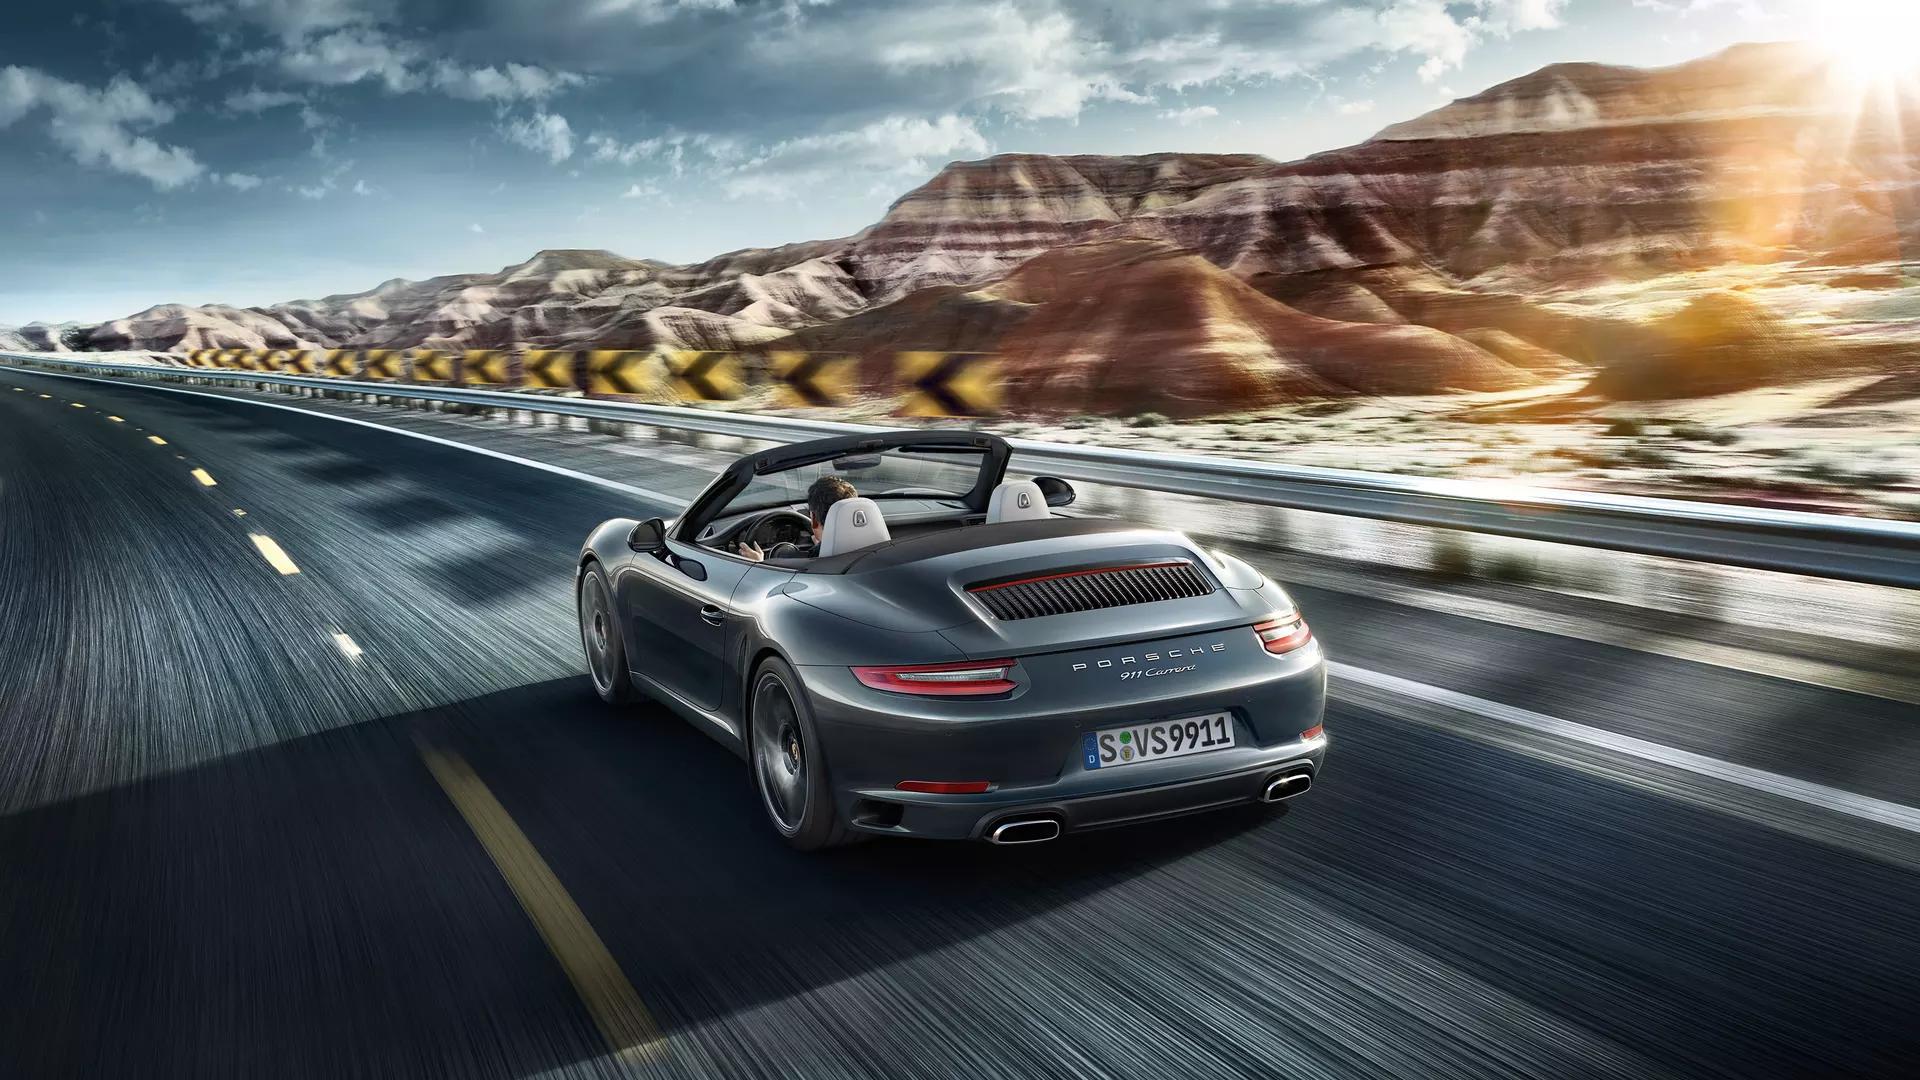 2020 Porsche 911 Carrera Exterior